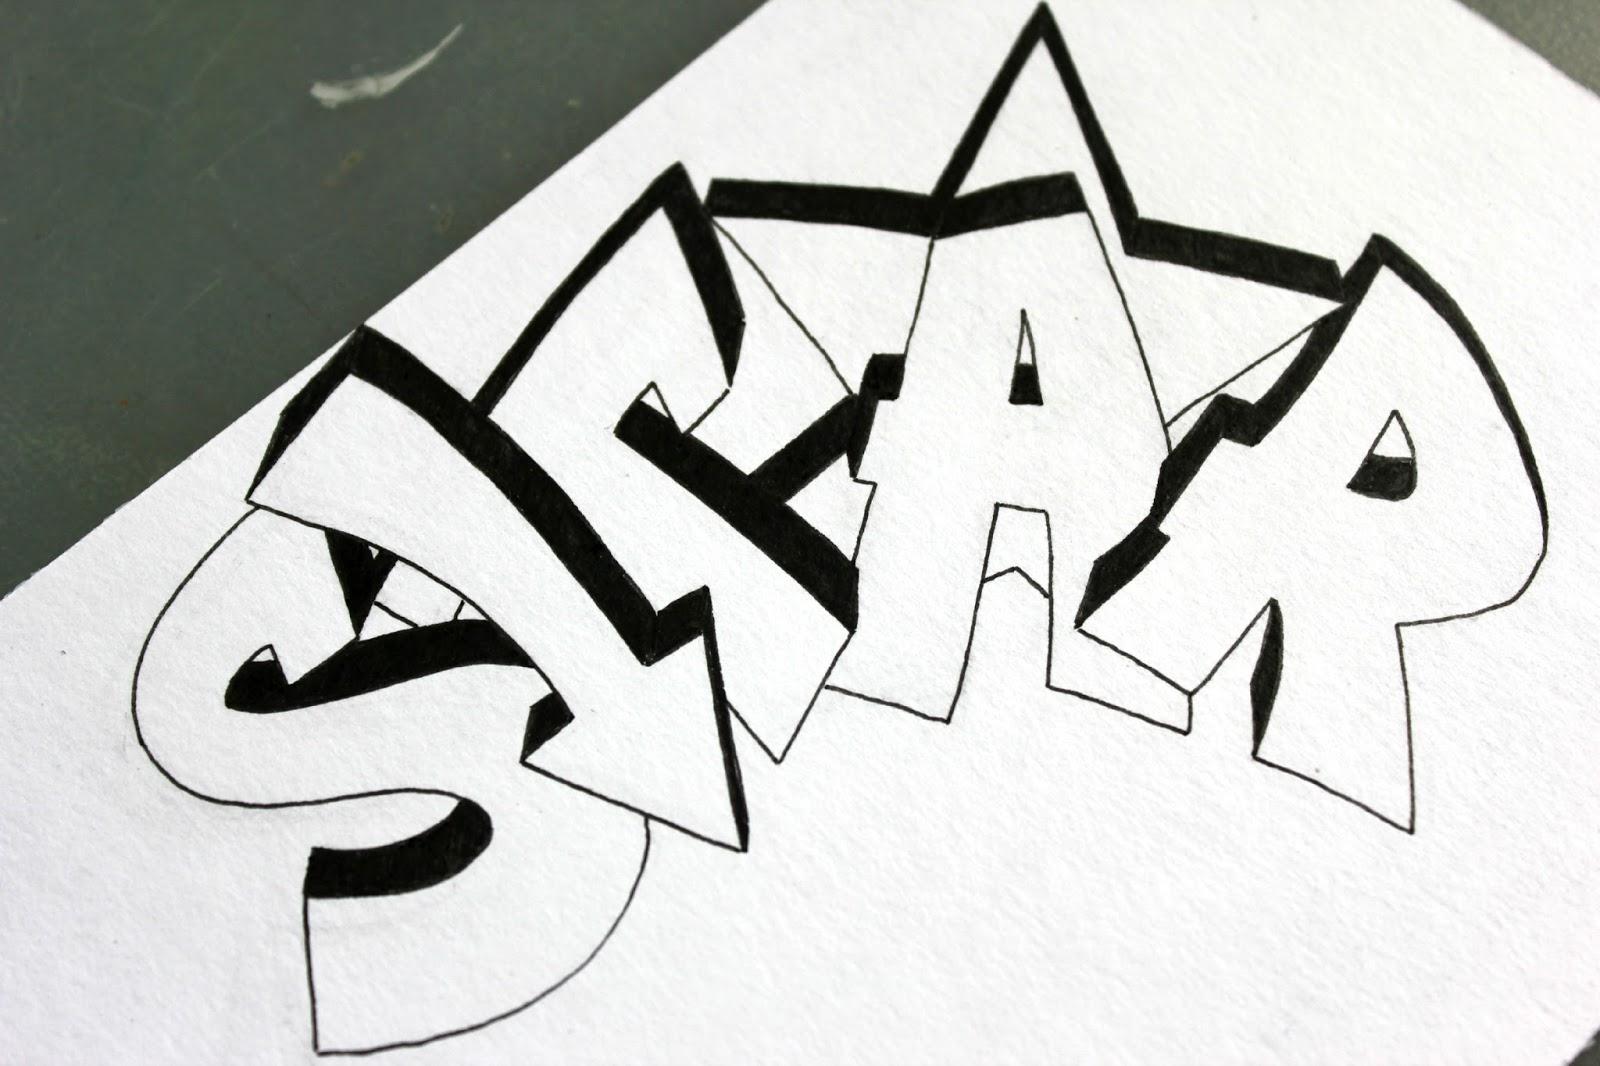 наверняка рисовать граффити на бумаге карандашом картинками они